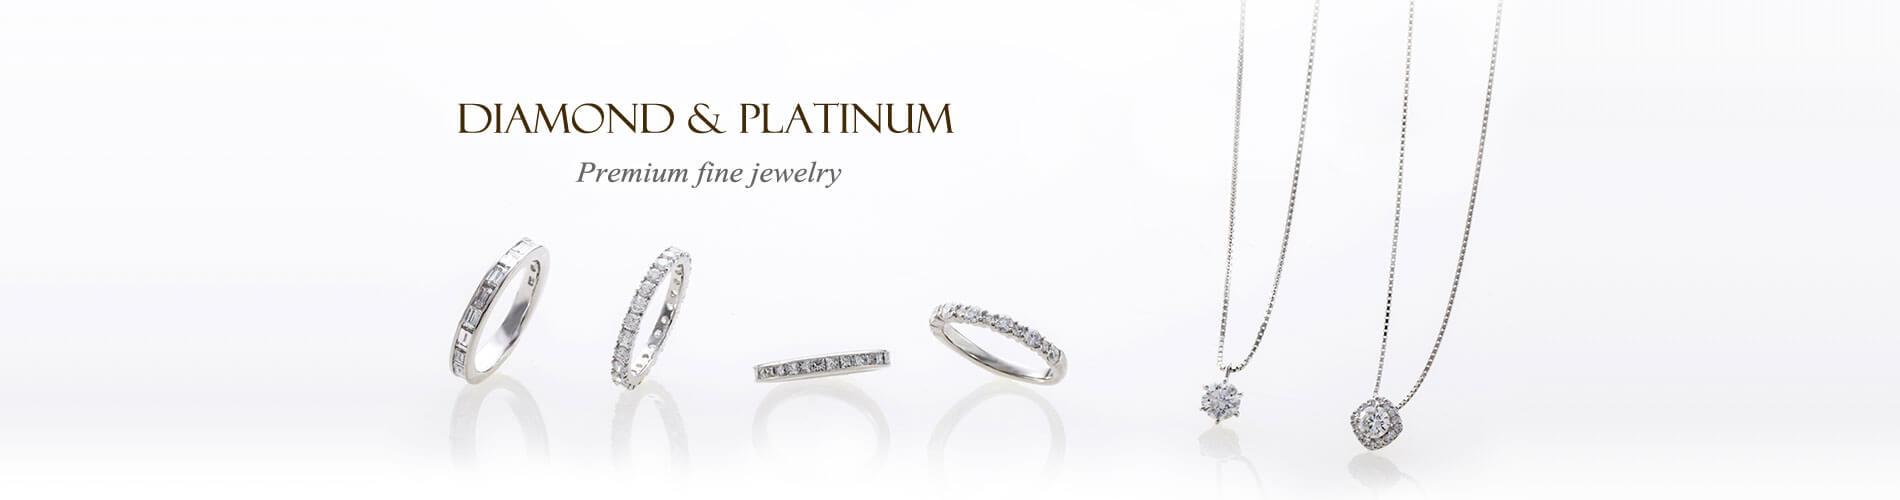 ハイグレードダイヤモンドからカジュアルアイテム、誕生石まで数多くのジュエリー揃います